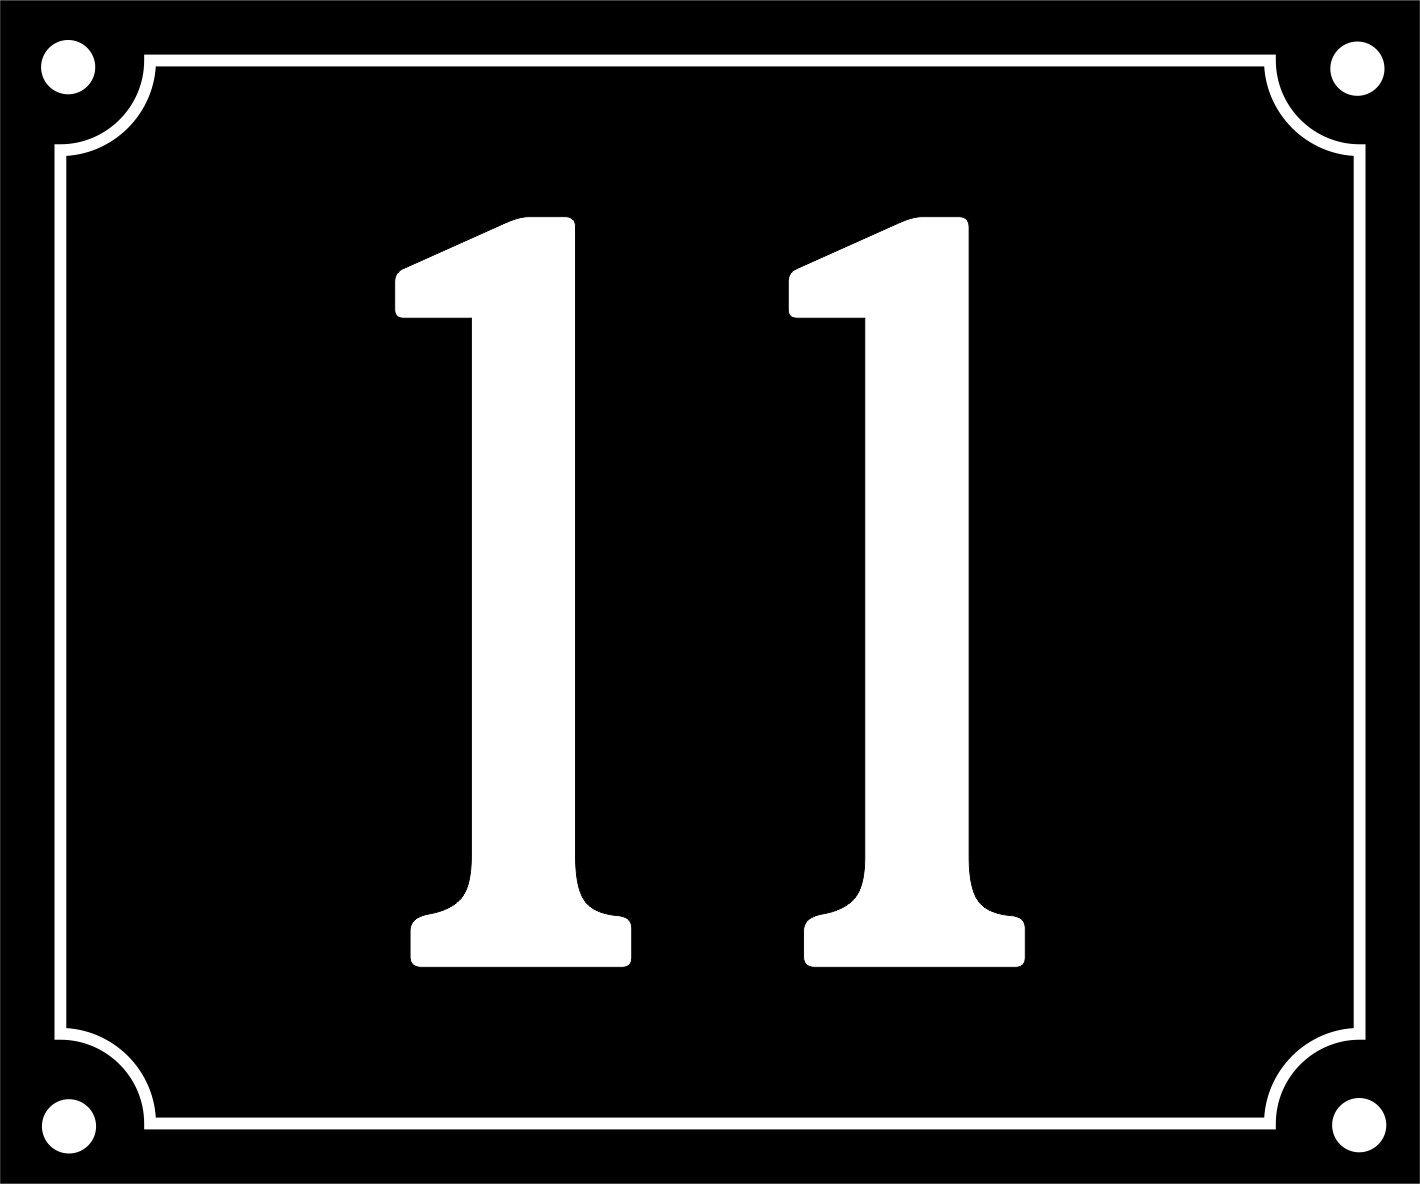 numé ro de rue personnalisable - 11 - 10 x 12 cm - vendue avec visseries et bouchons - colris noir Alsagrav